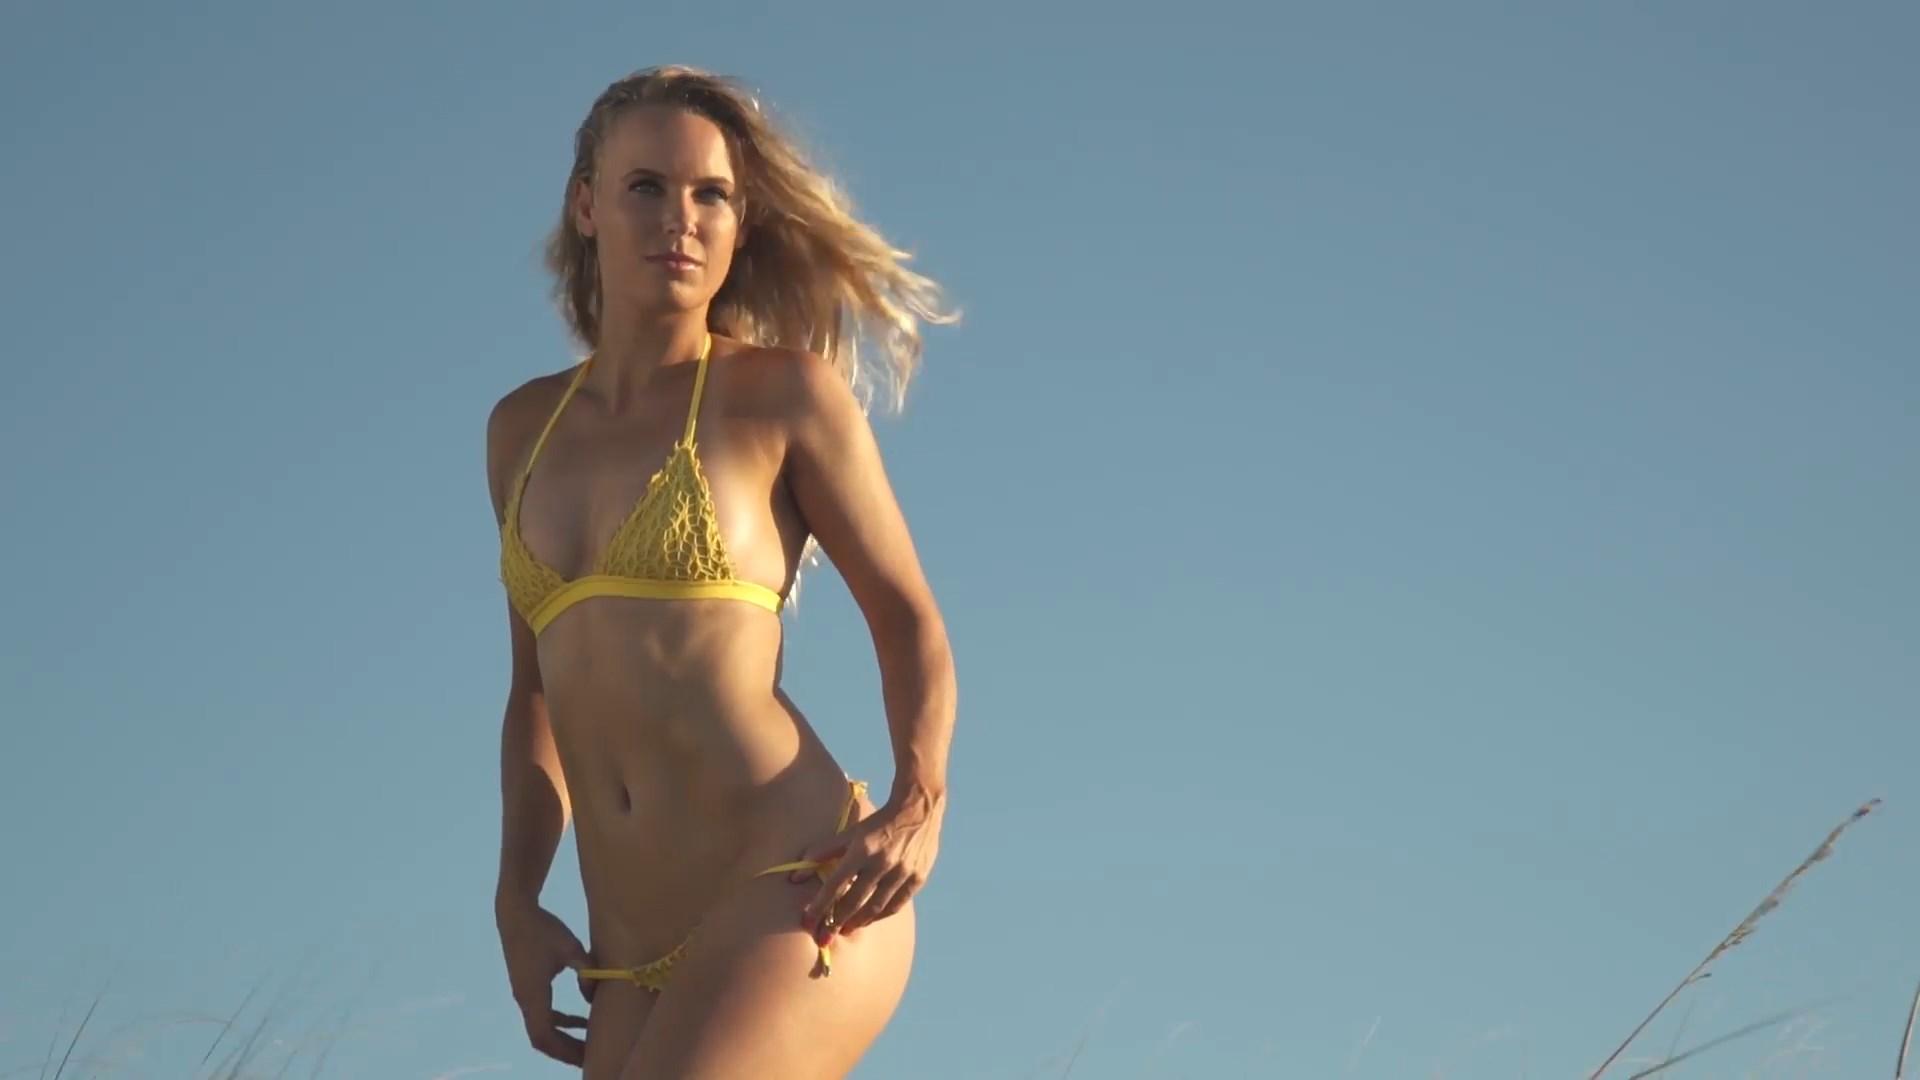 Caroline wozniacki nude photos